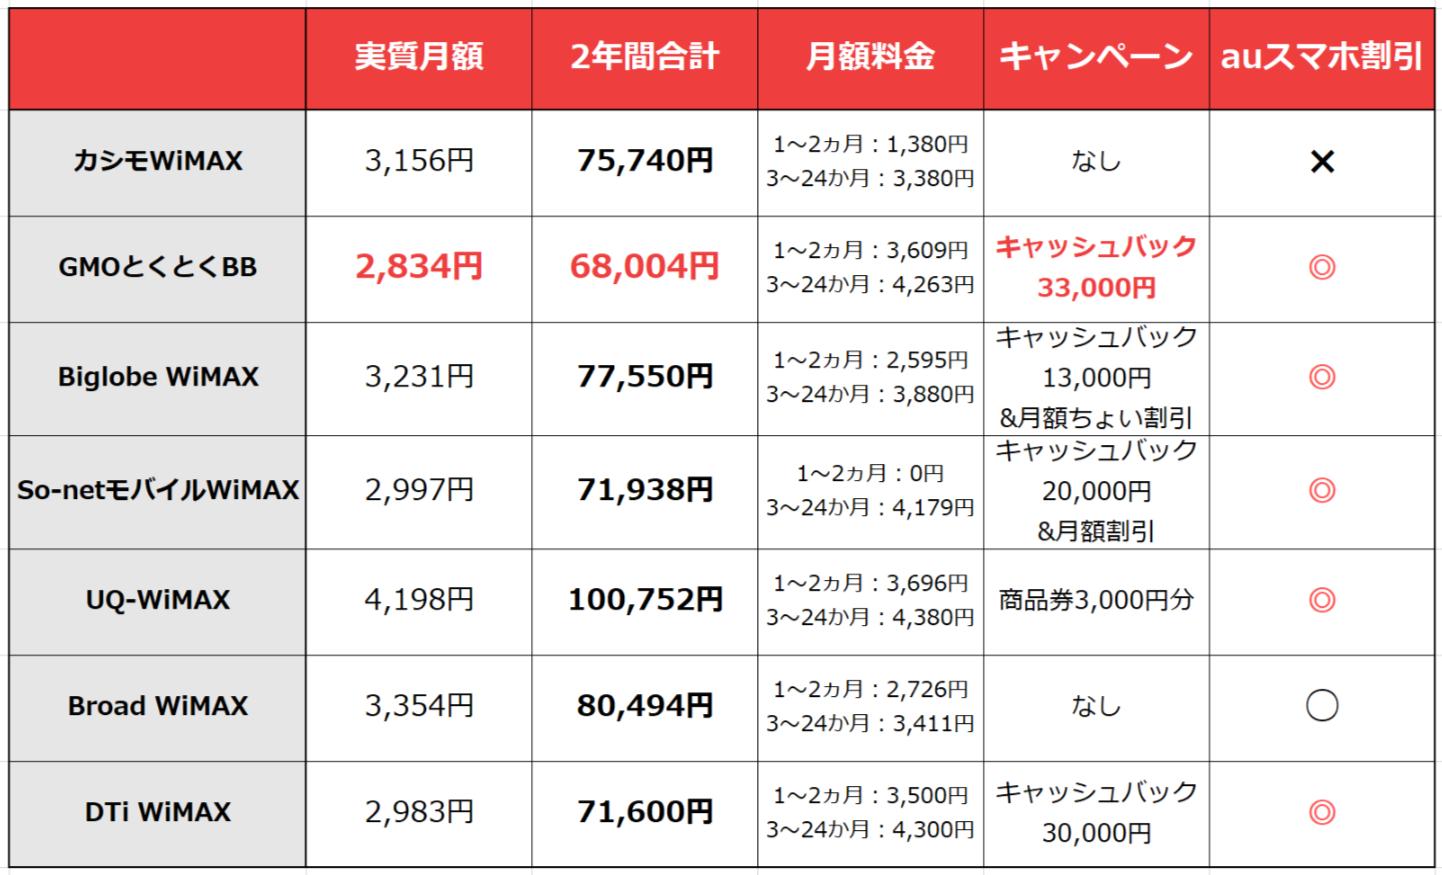 カシモWiMAXと他社WiMAX6社の7社比較表